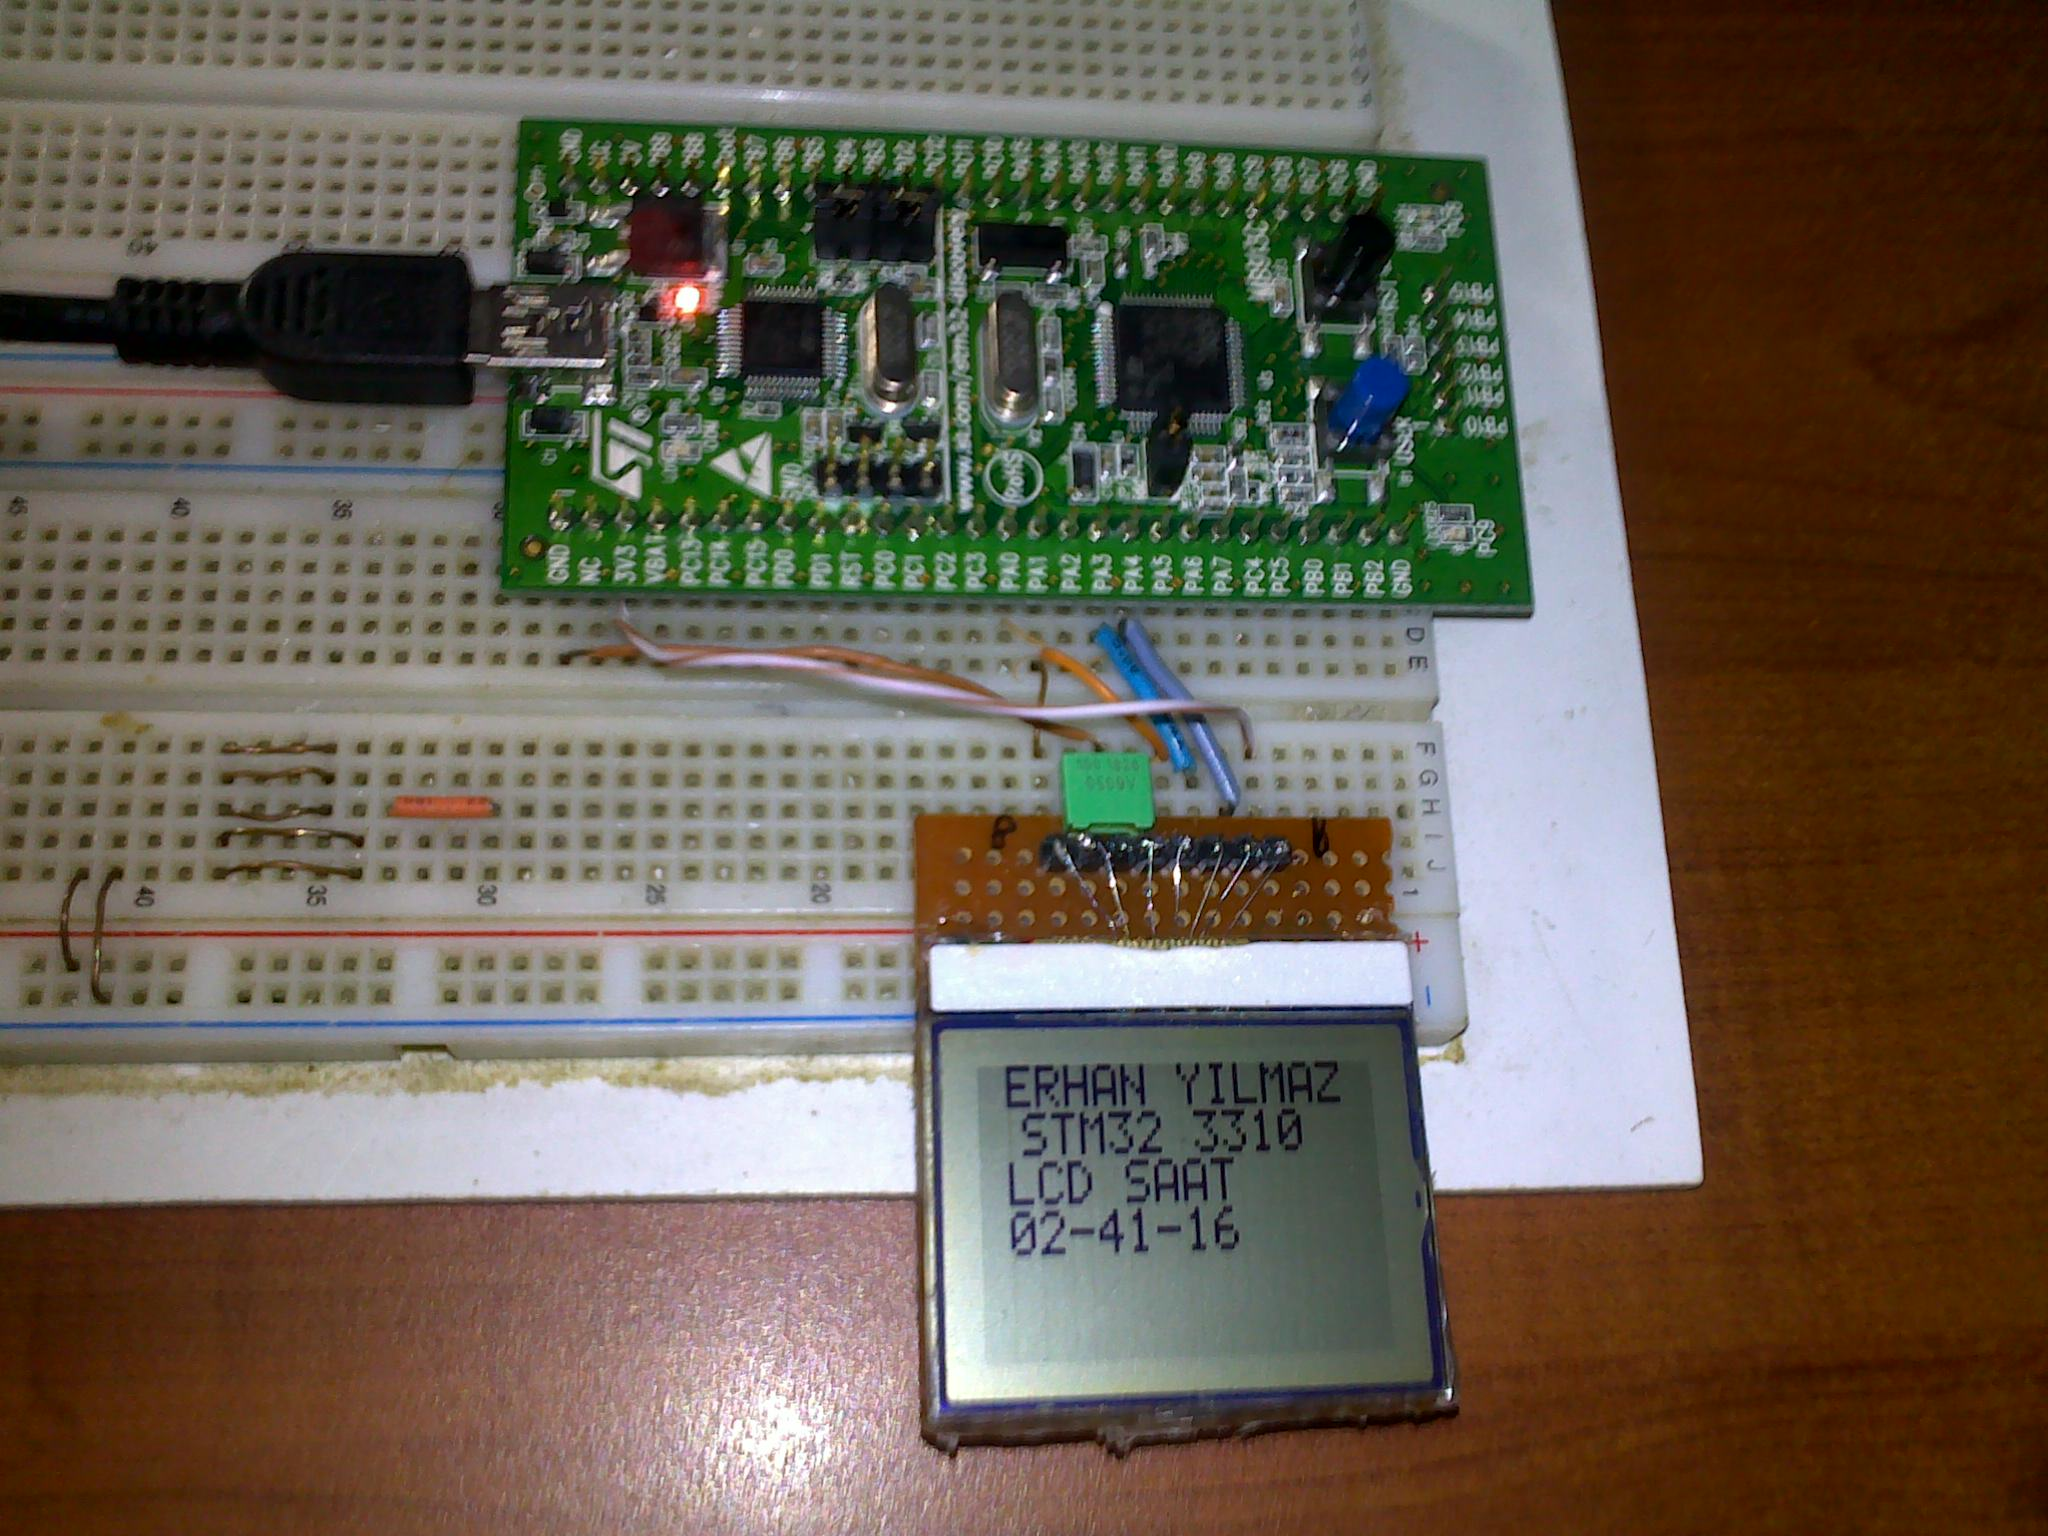 MCU Turkey – STM32 Discovery İlk İzlenimler ve RTC Uygulaması